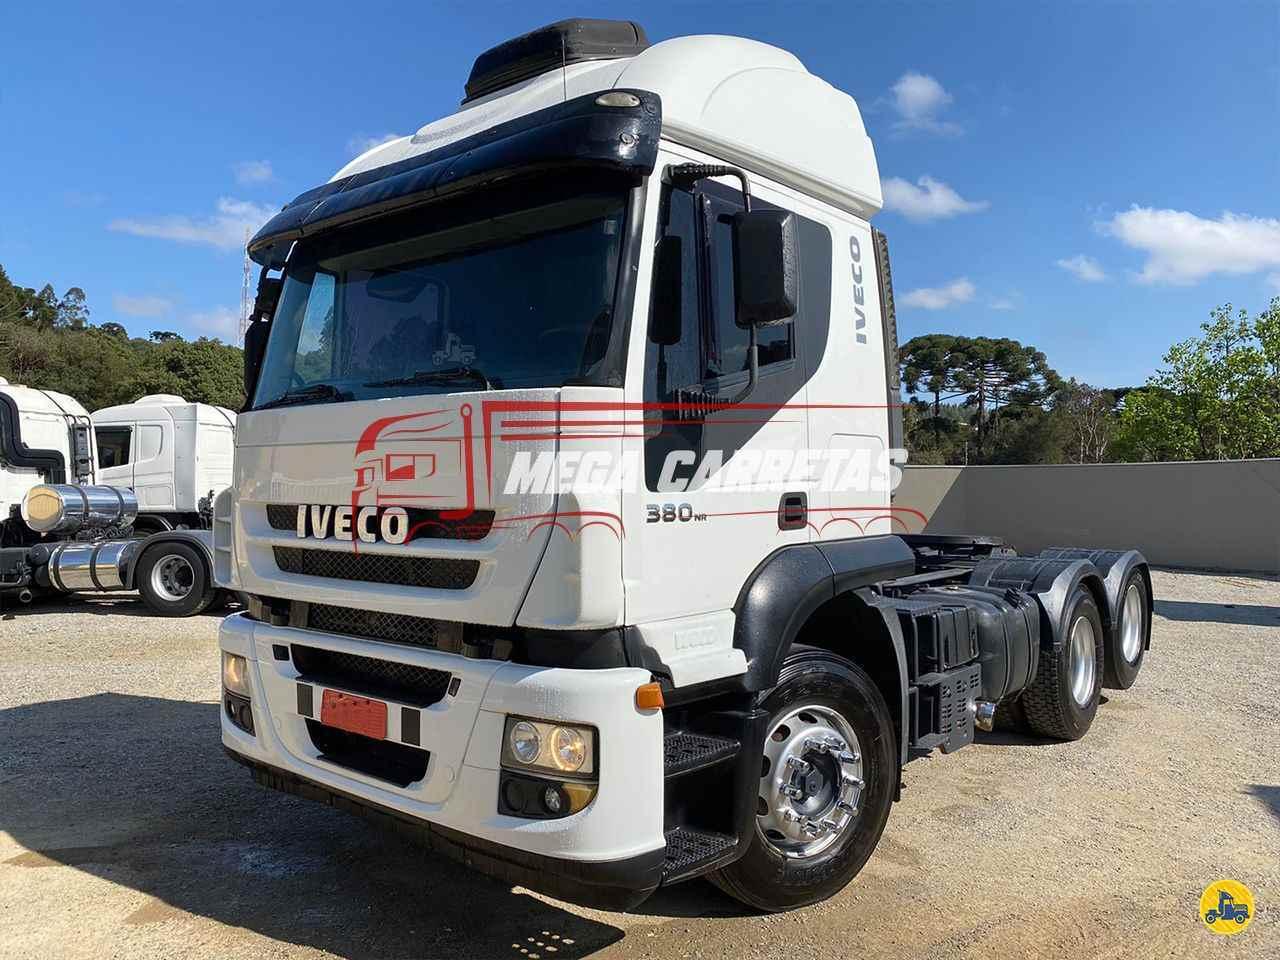 CAMINHAO IVECO STRALIS 380 Cavalo Mecânico Truck 6x2 Mega Carretas COLOMBO PARANÁ PR